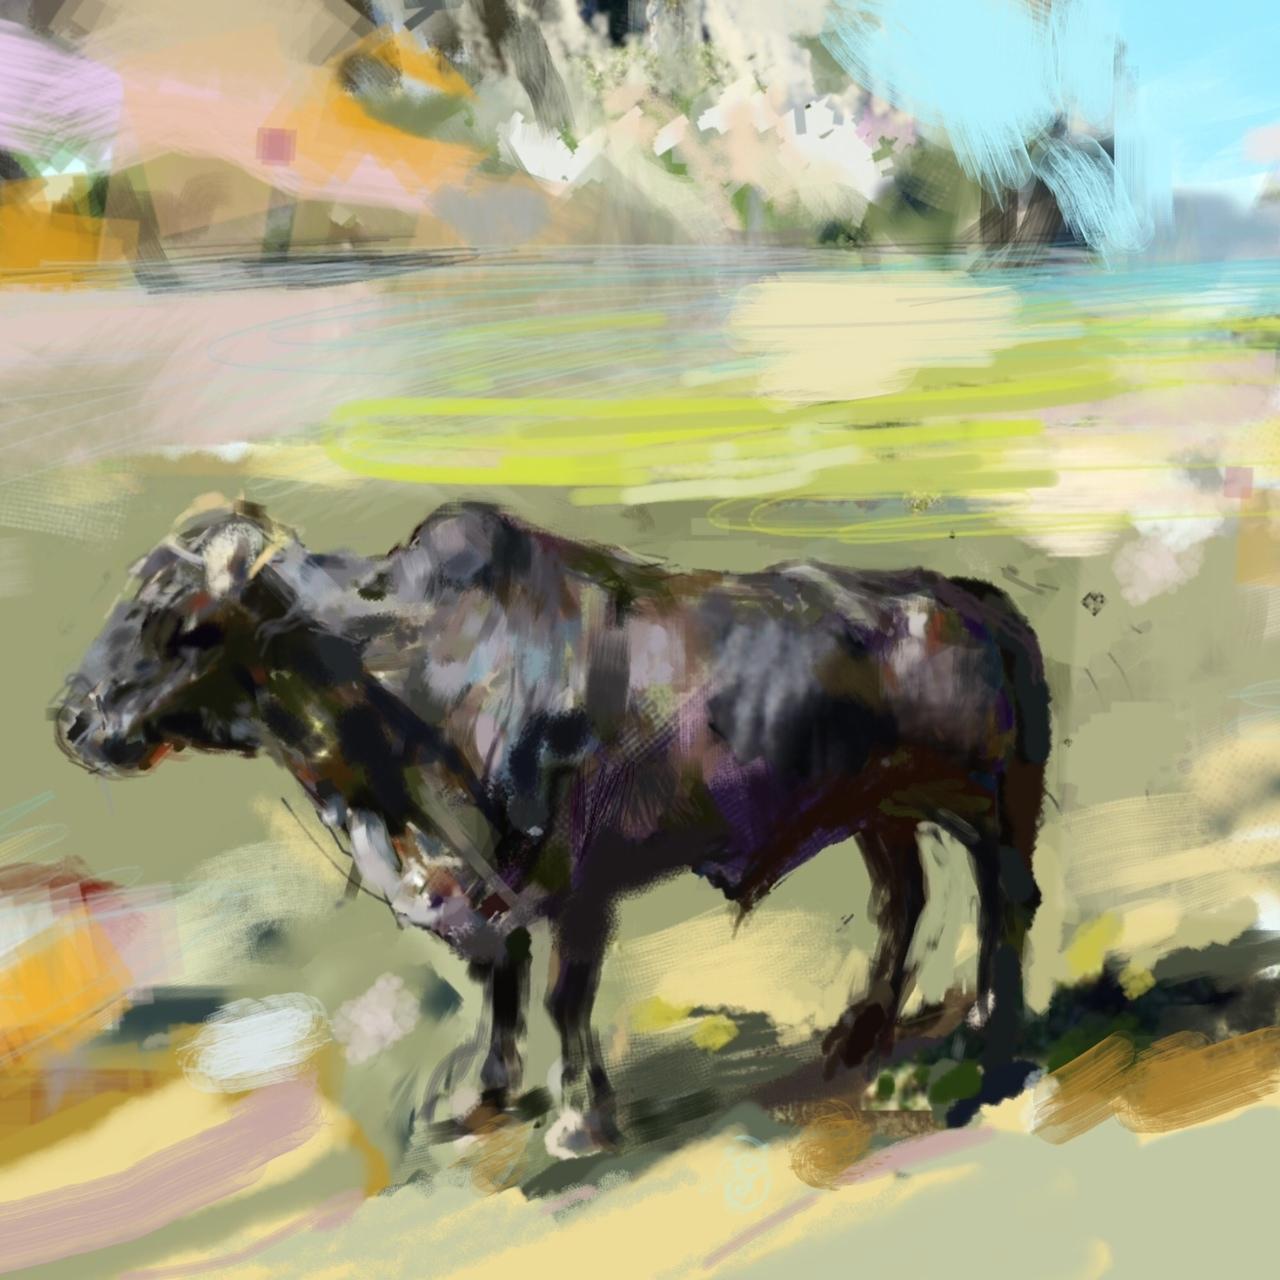 Cuban Bull